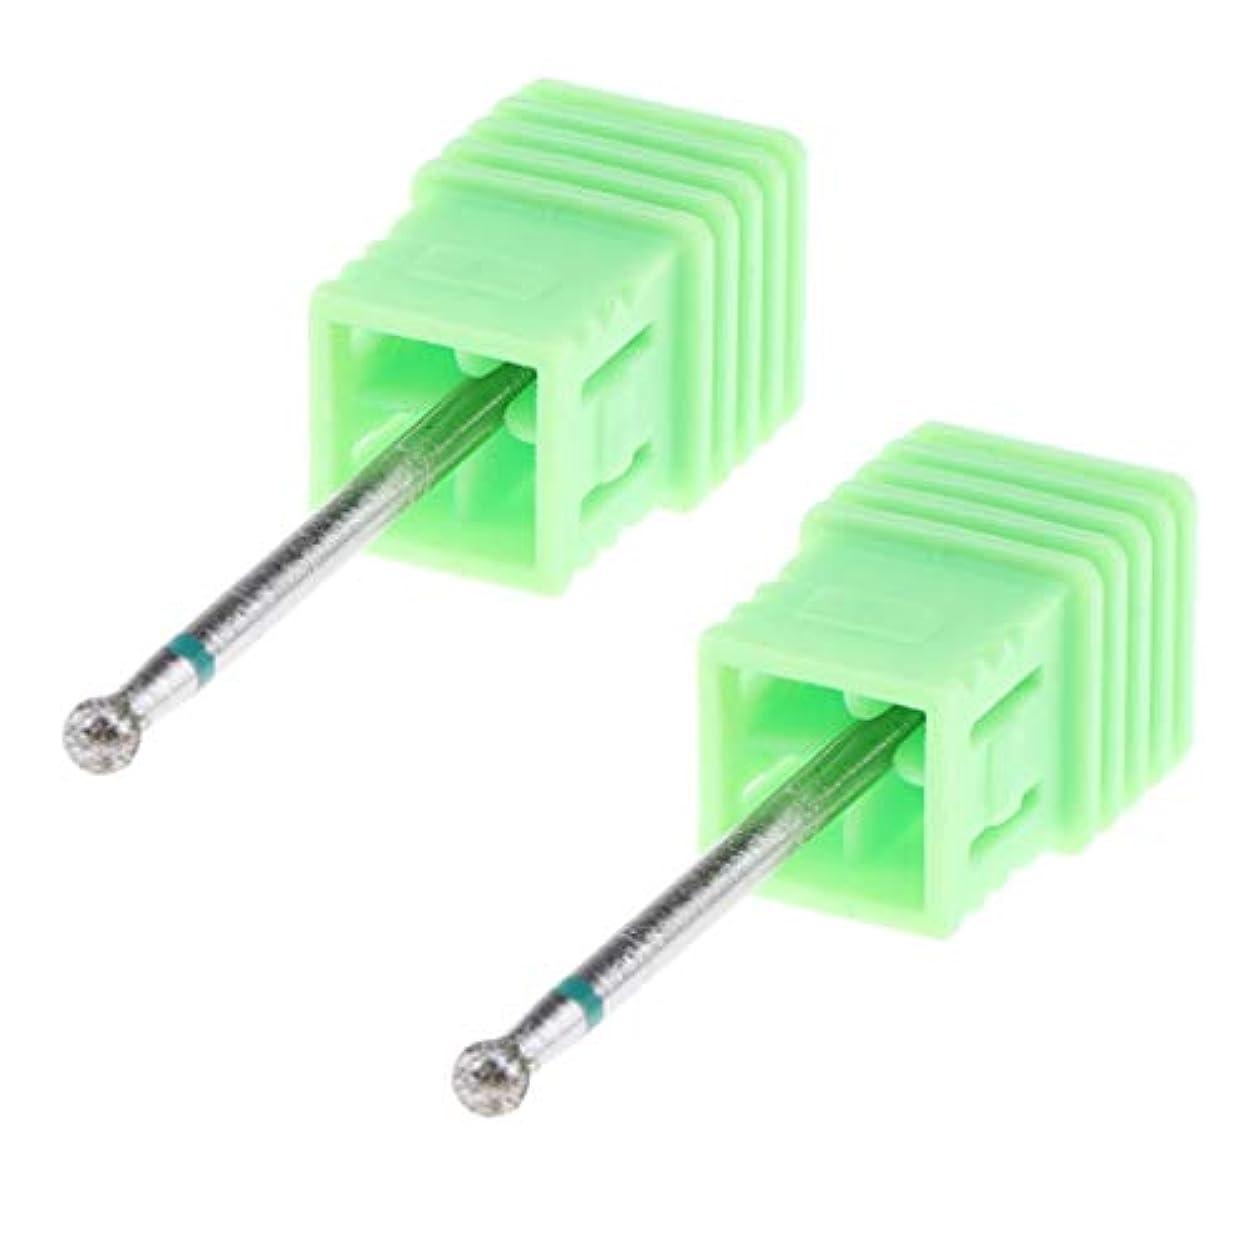 Perfeclan マニキュア ネイルドリルビット 研削ネイル 爪磨き ジェル除去 高硬度 高強度 高温耐性